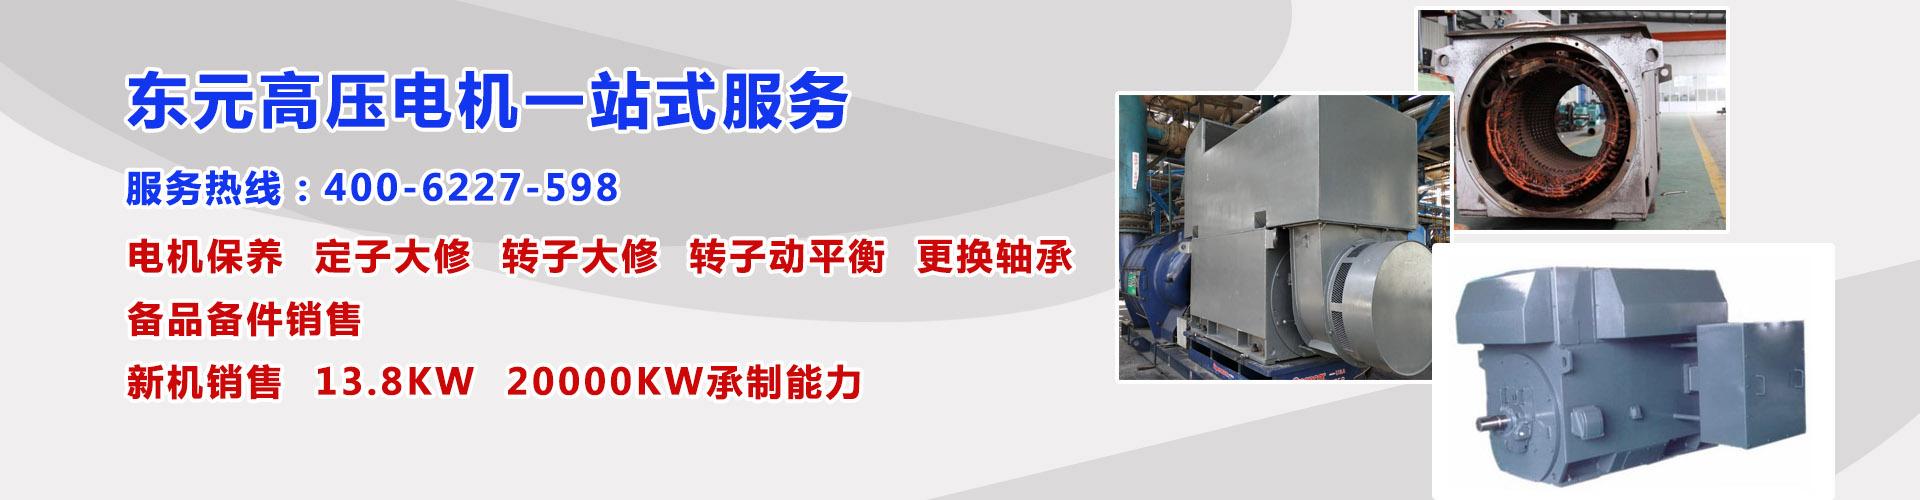 东元高压电机一站式服务